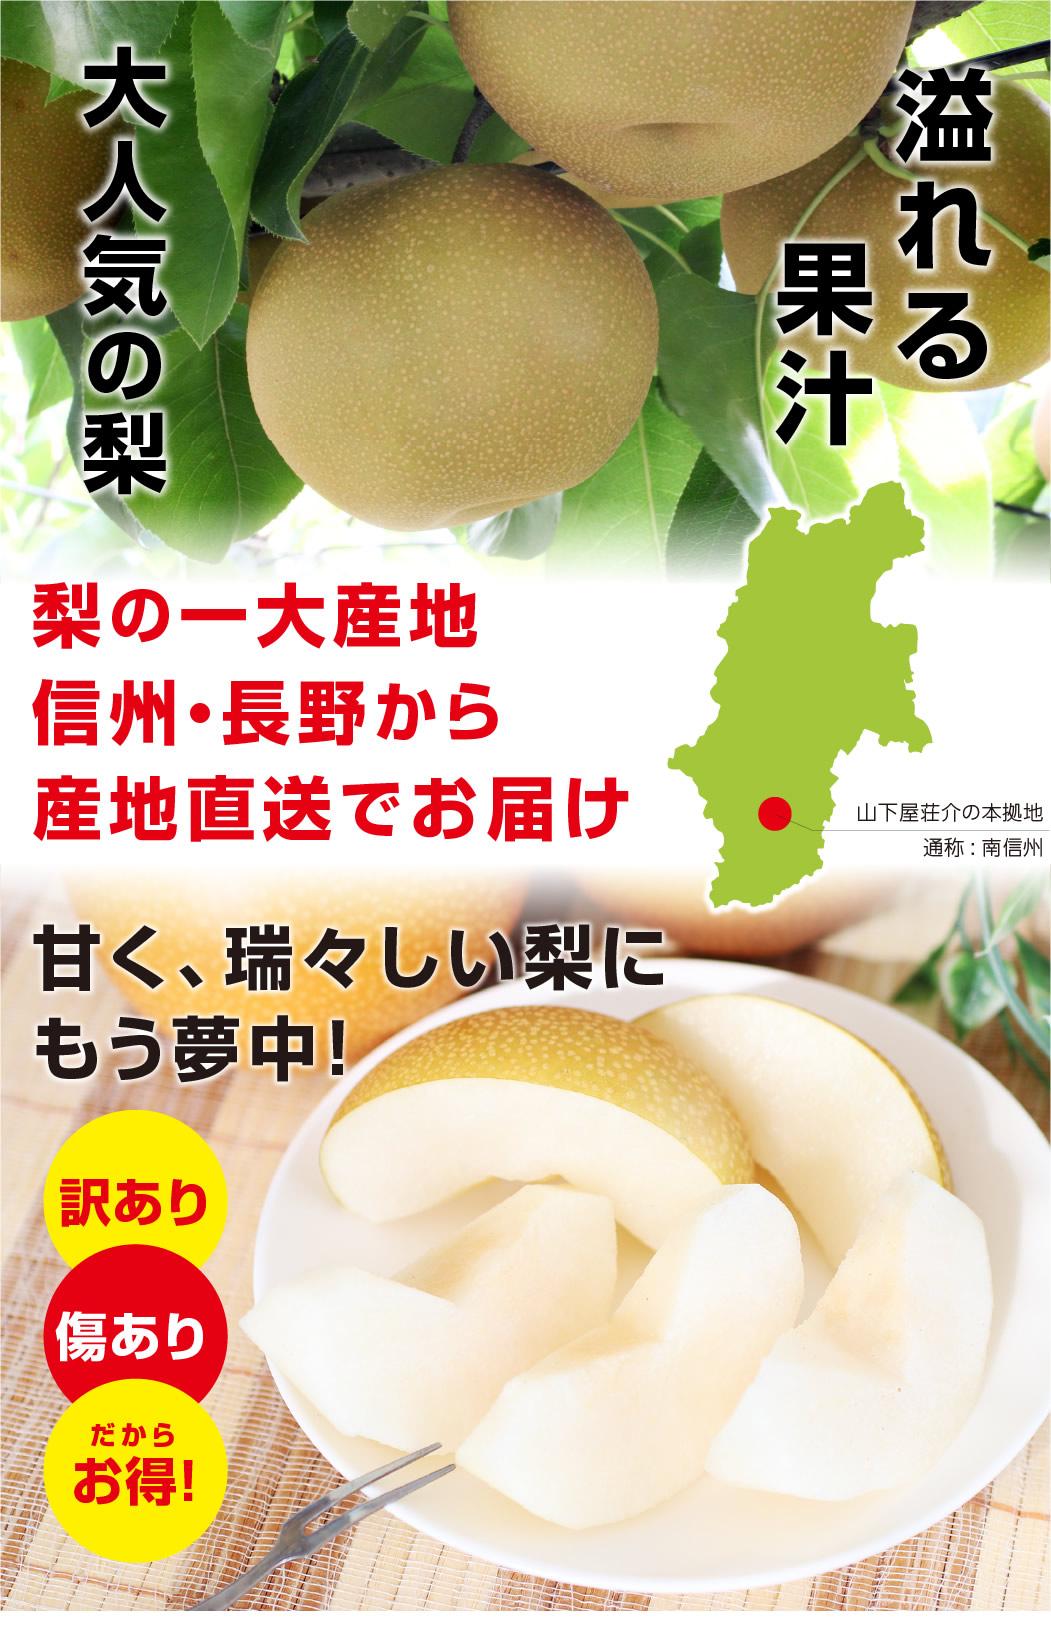 大人気の梨の品種 幸水・豊水